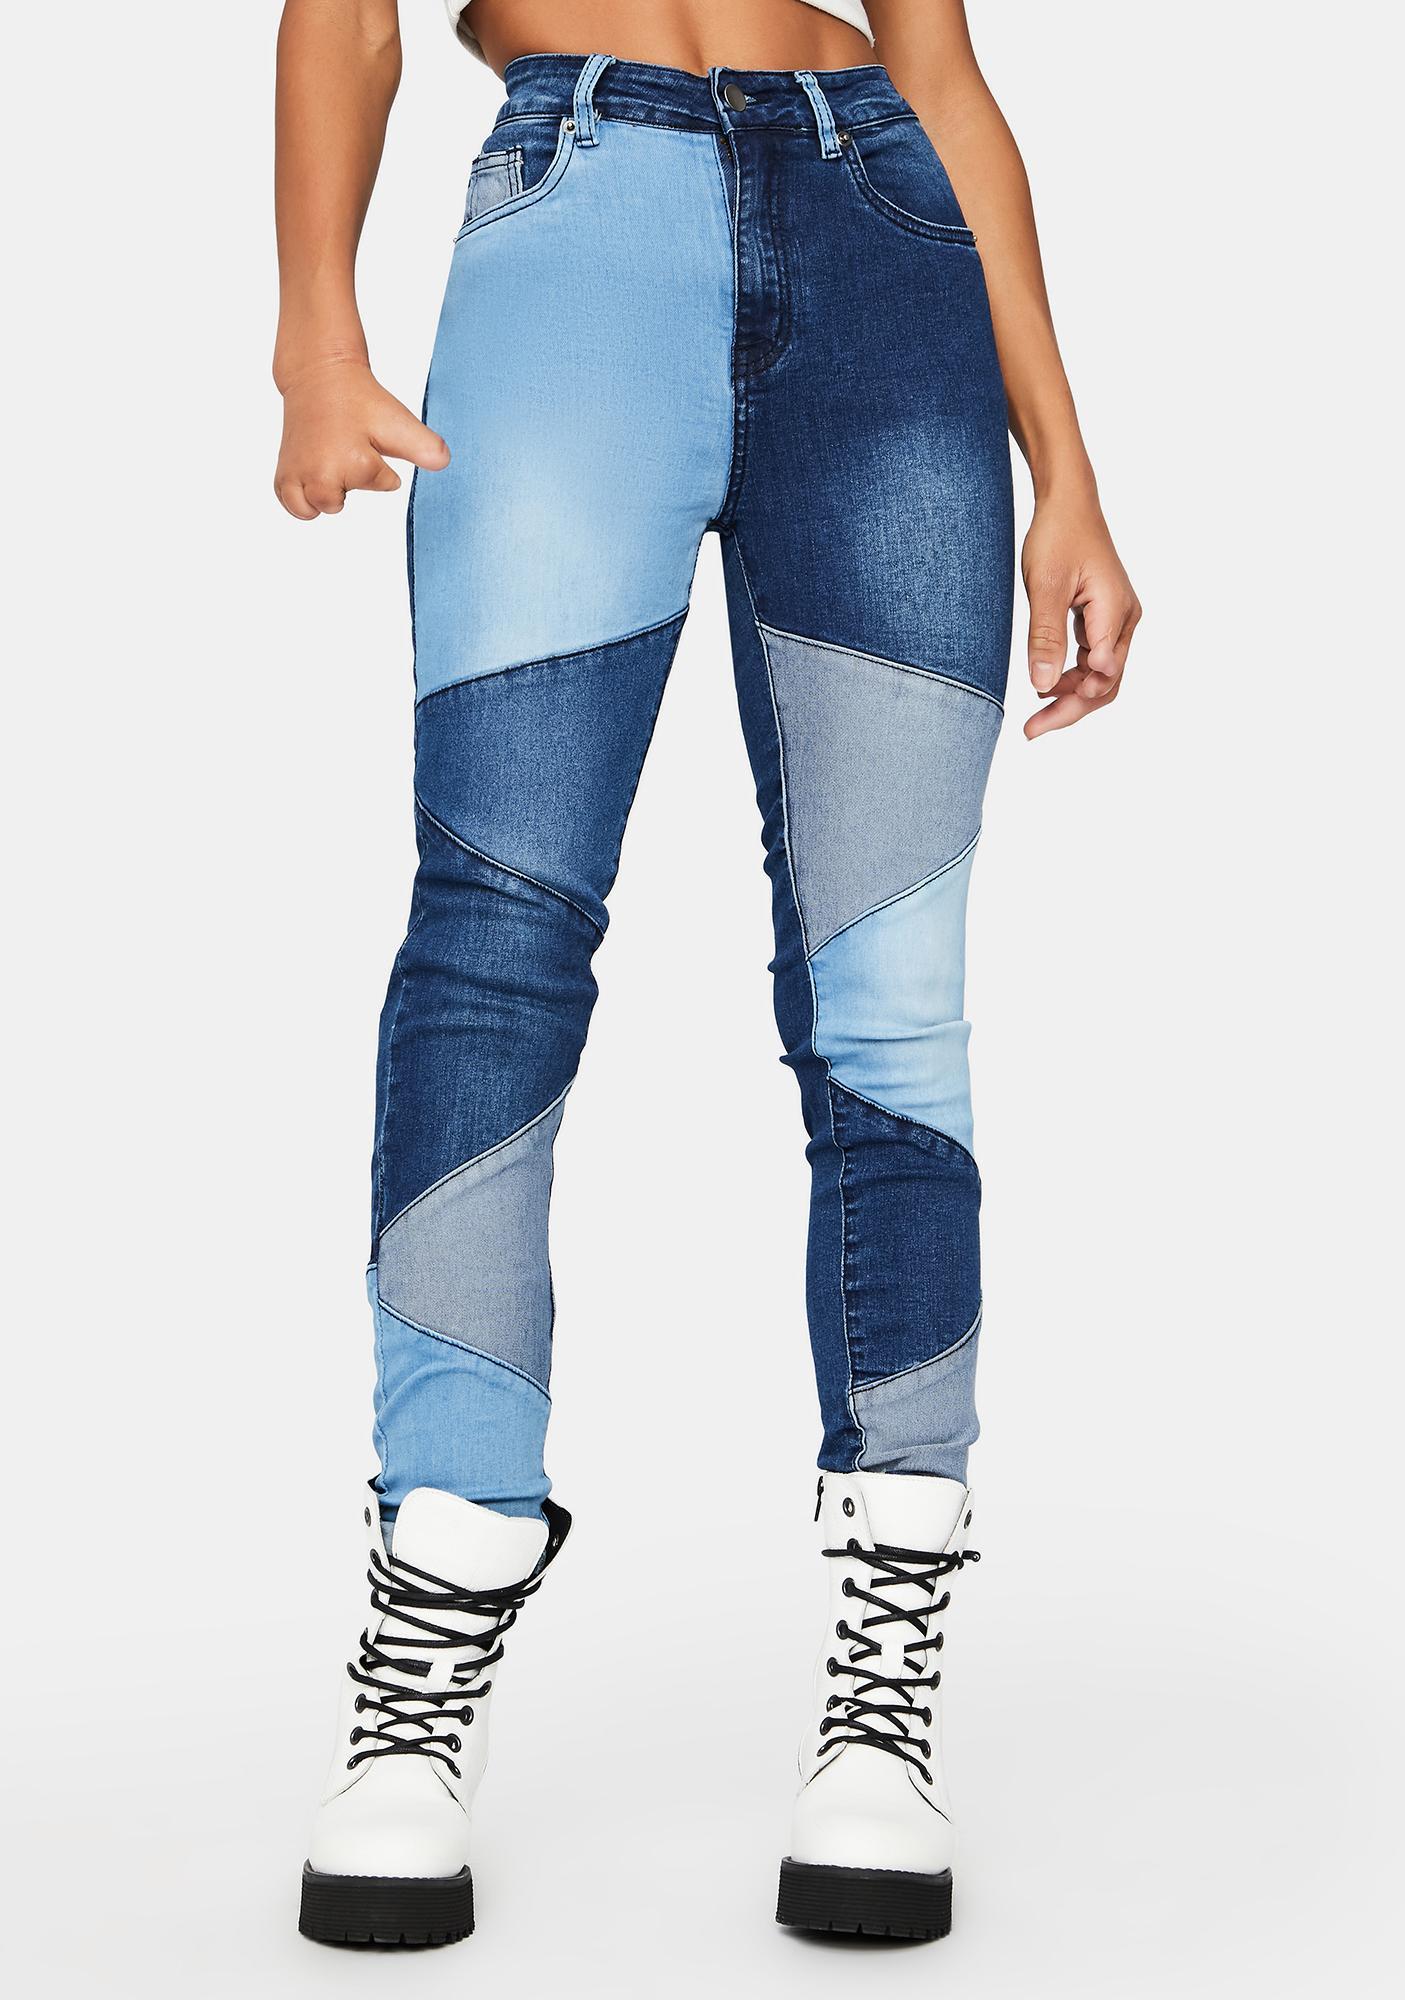 Hey Angel Patchwork Skinny Jeans